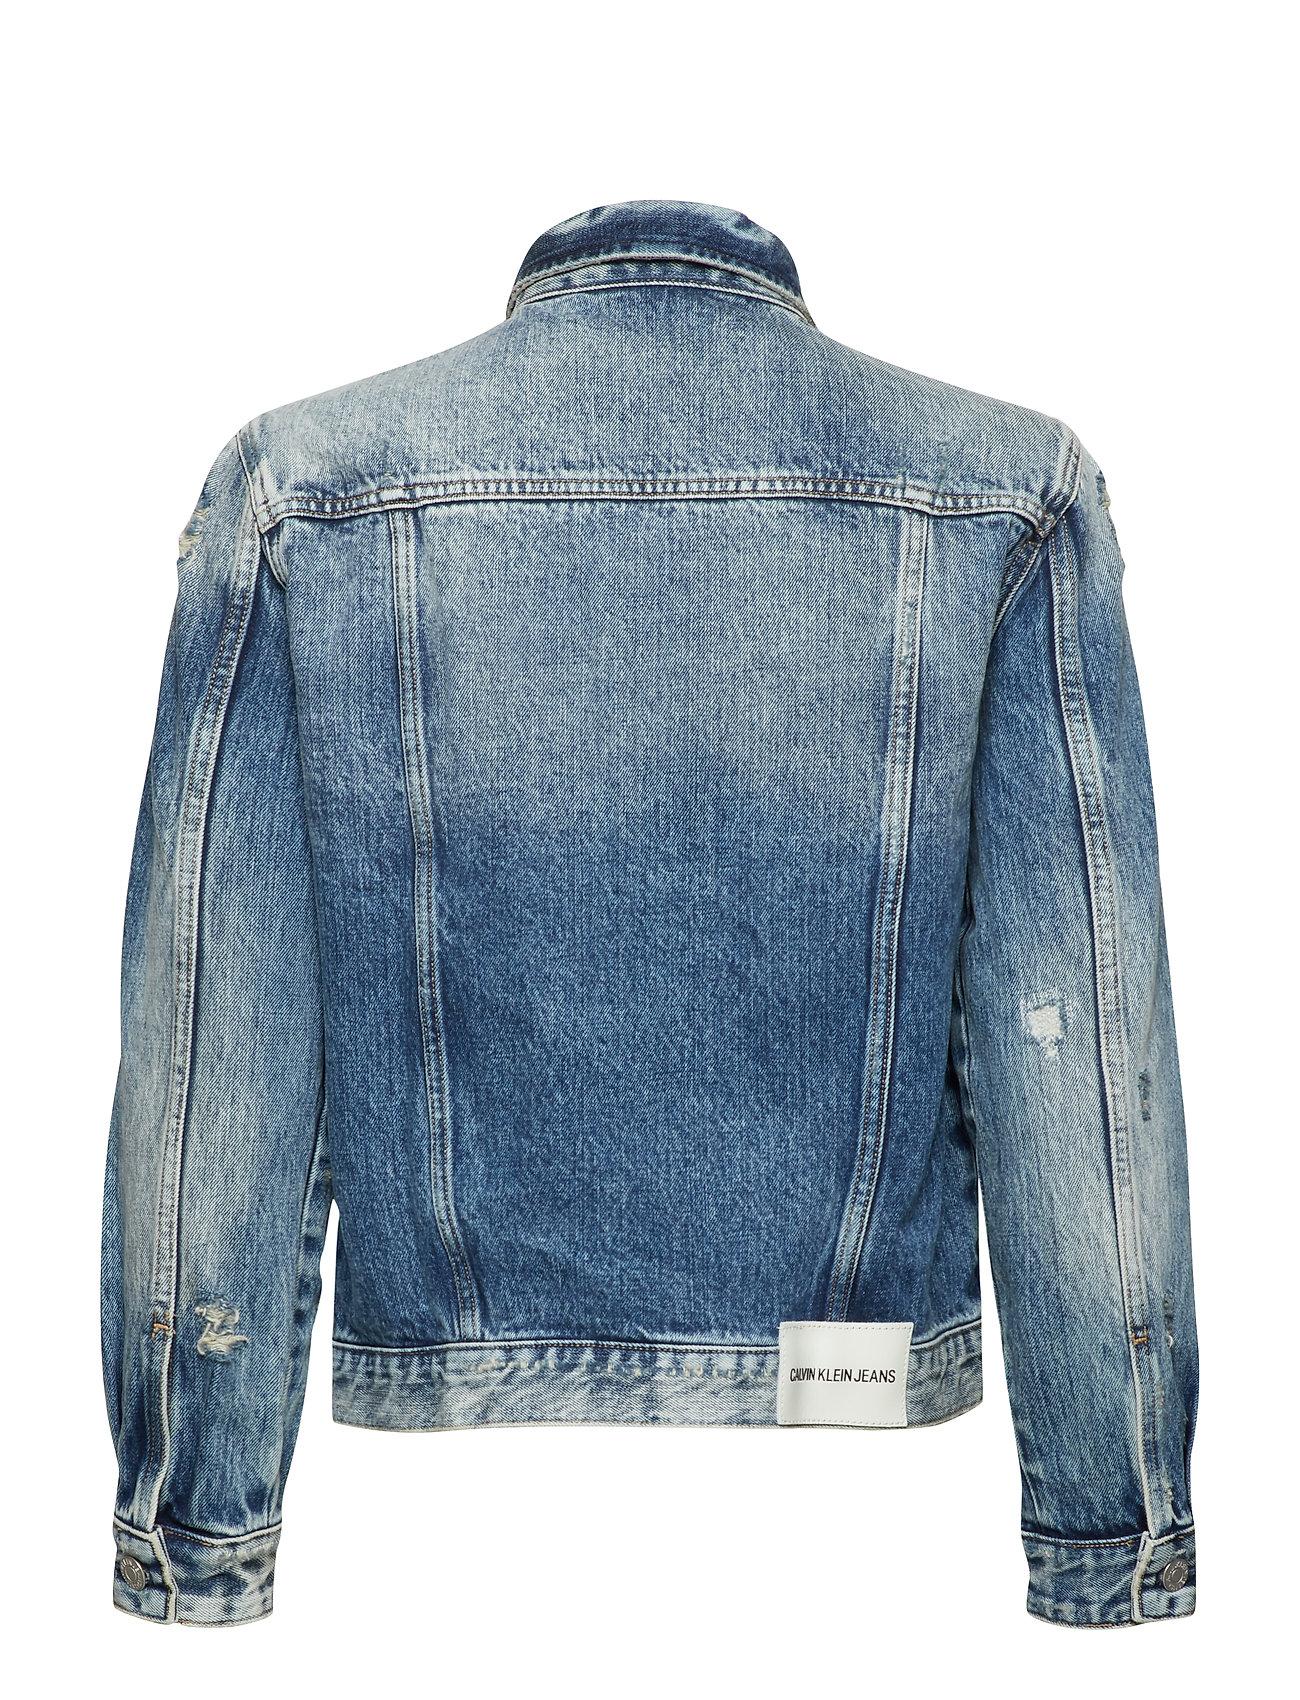 Foundation Trucker O Jakke Denimjakke Blå Calvin Klein Jeans